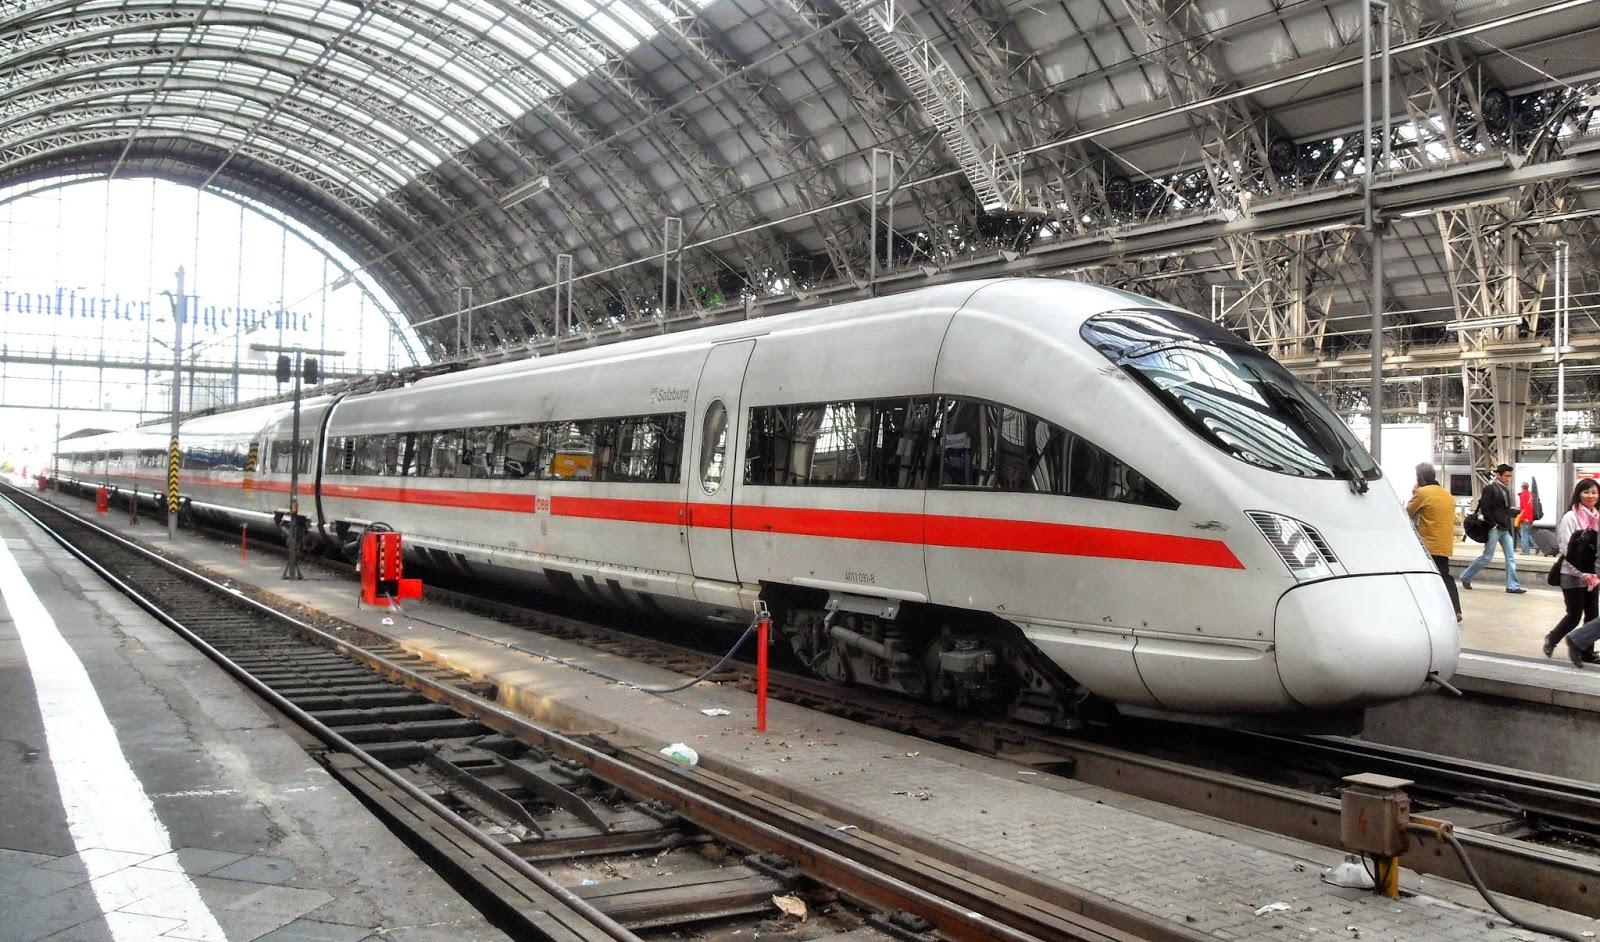 Frankfurter_(Main)_Hauptbahnhof-_auf_Bahnsteig_zu_Gleis_5-_Richtung_Mainz_(ICE_4011_091-8_(Tz_1191)_Salzburg)_8.4.2009